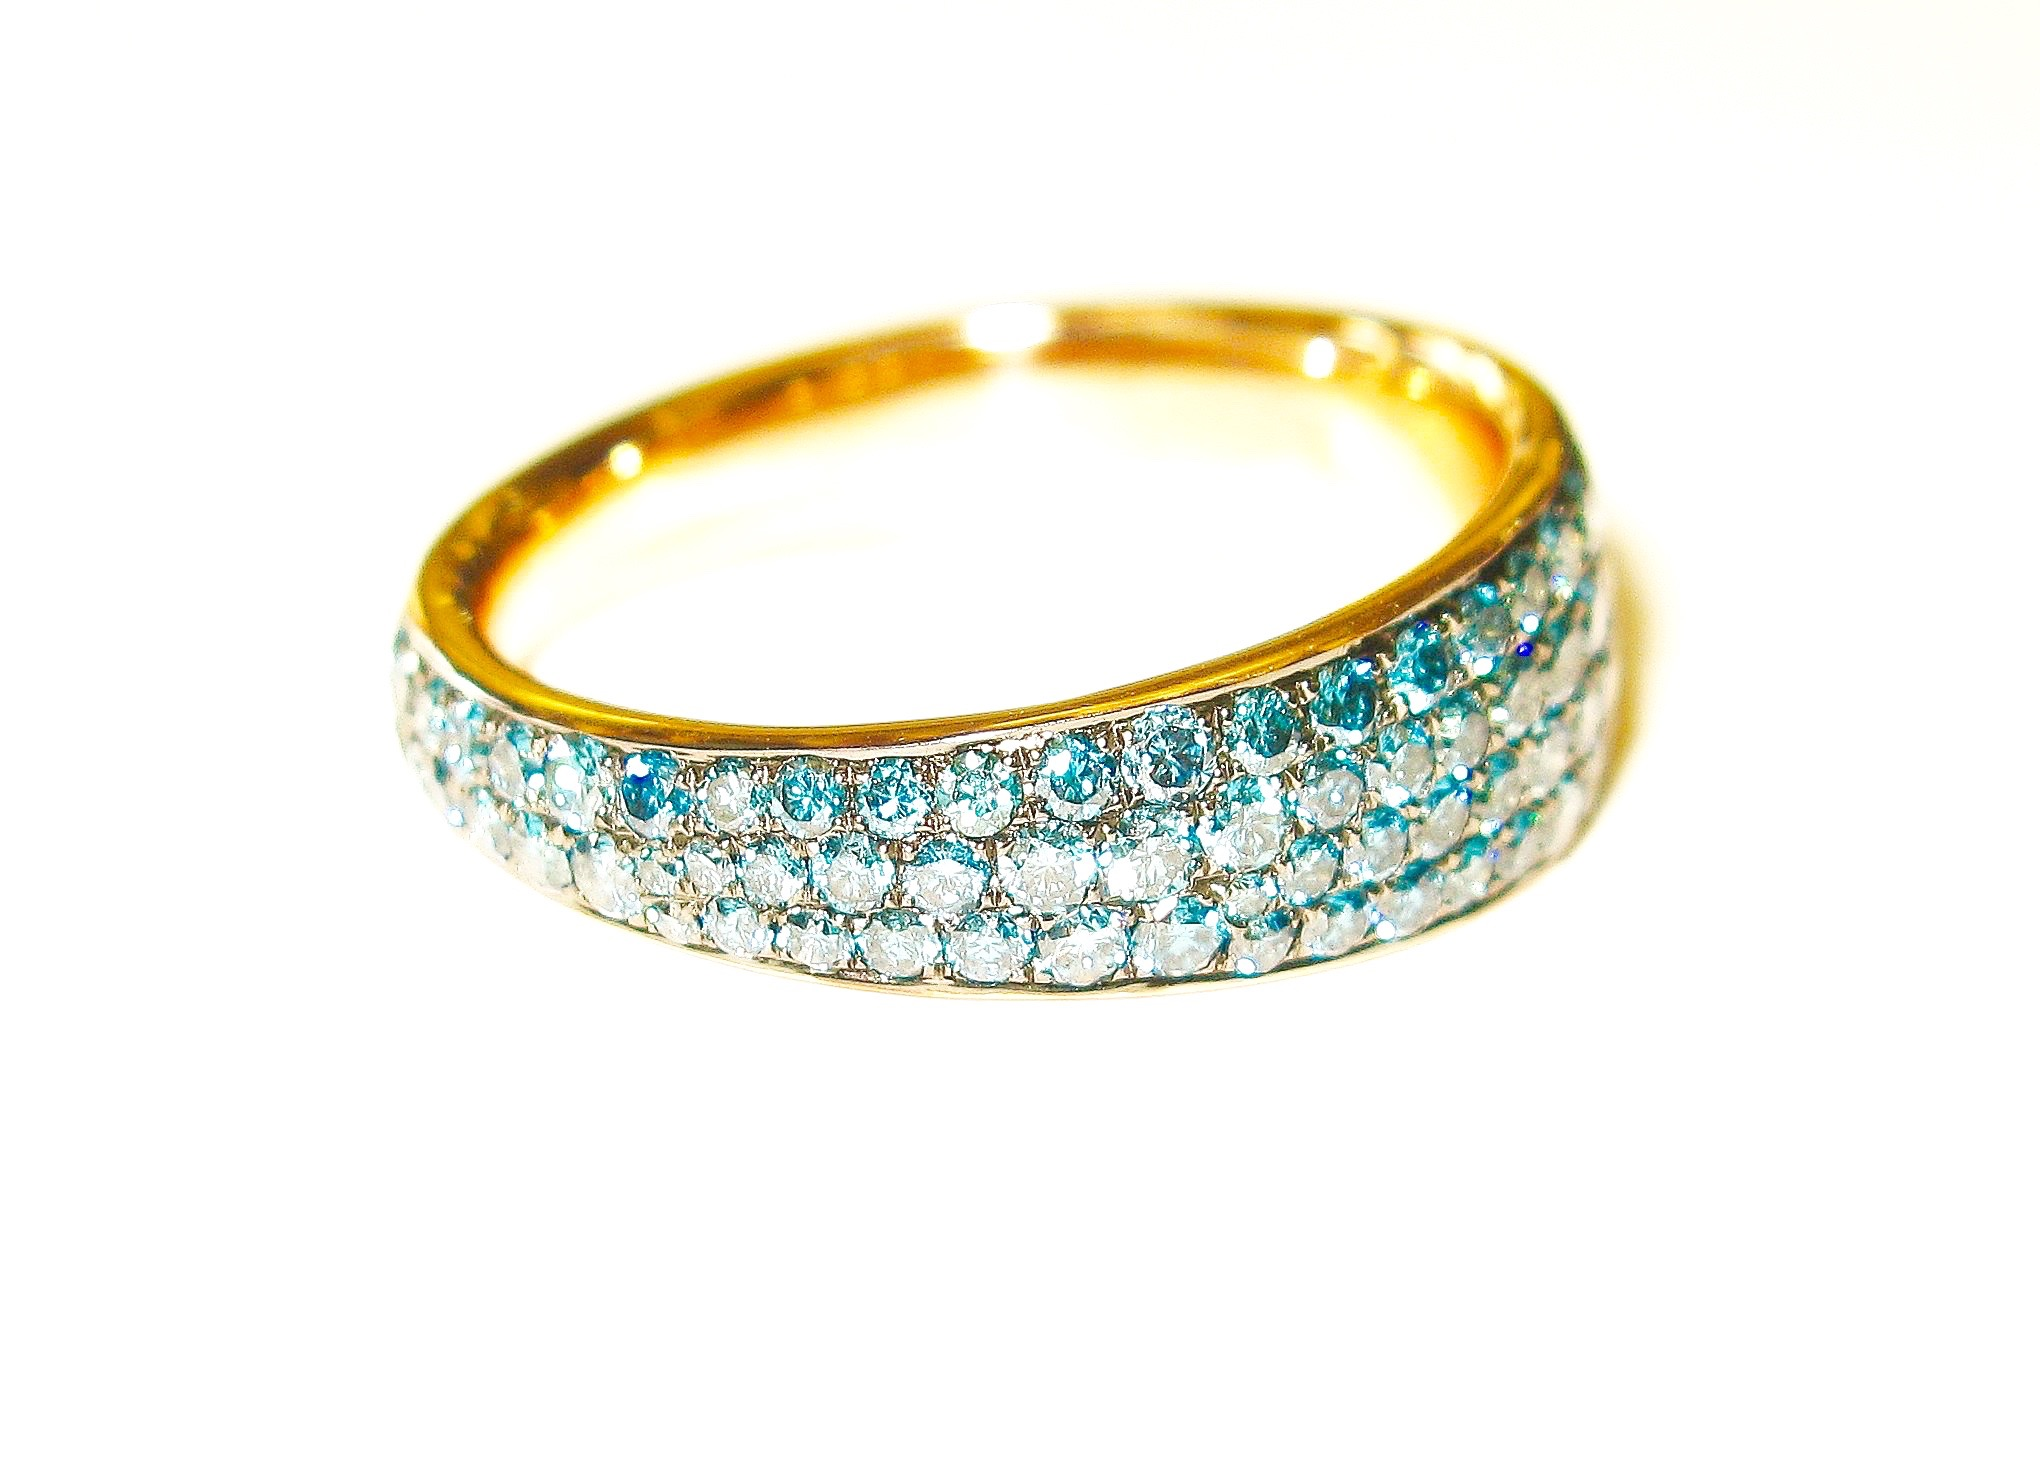 bluediamondandgoldring (1).jpg